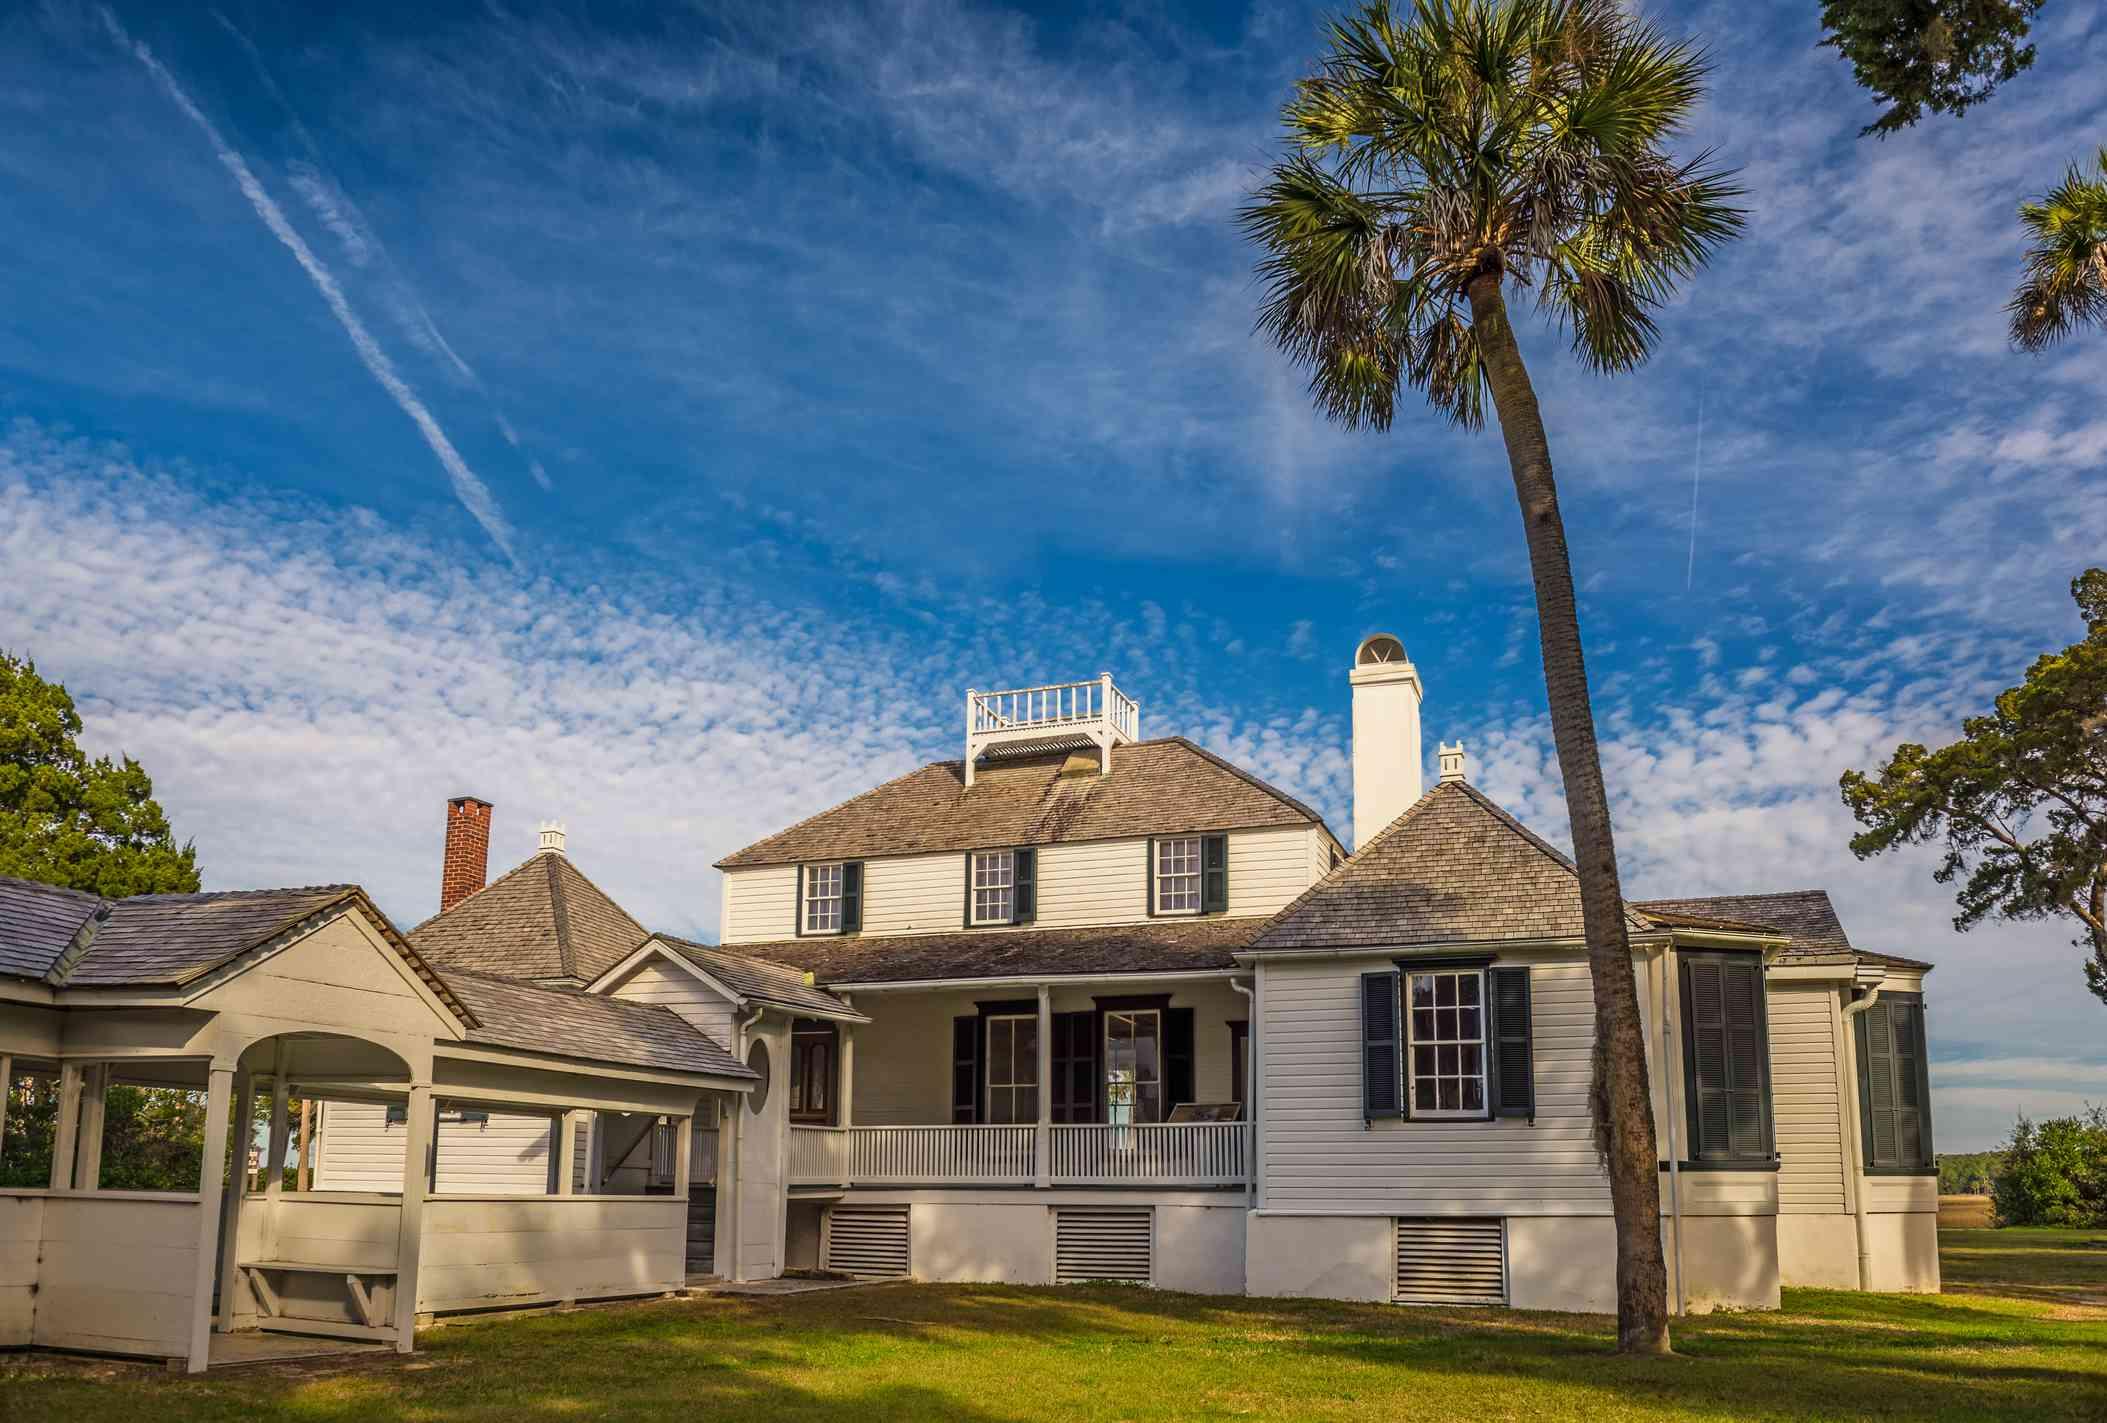 Kingsley Plantation in Jacksonville, Florida